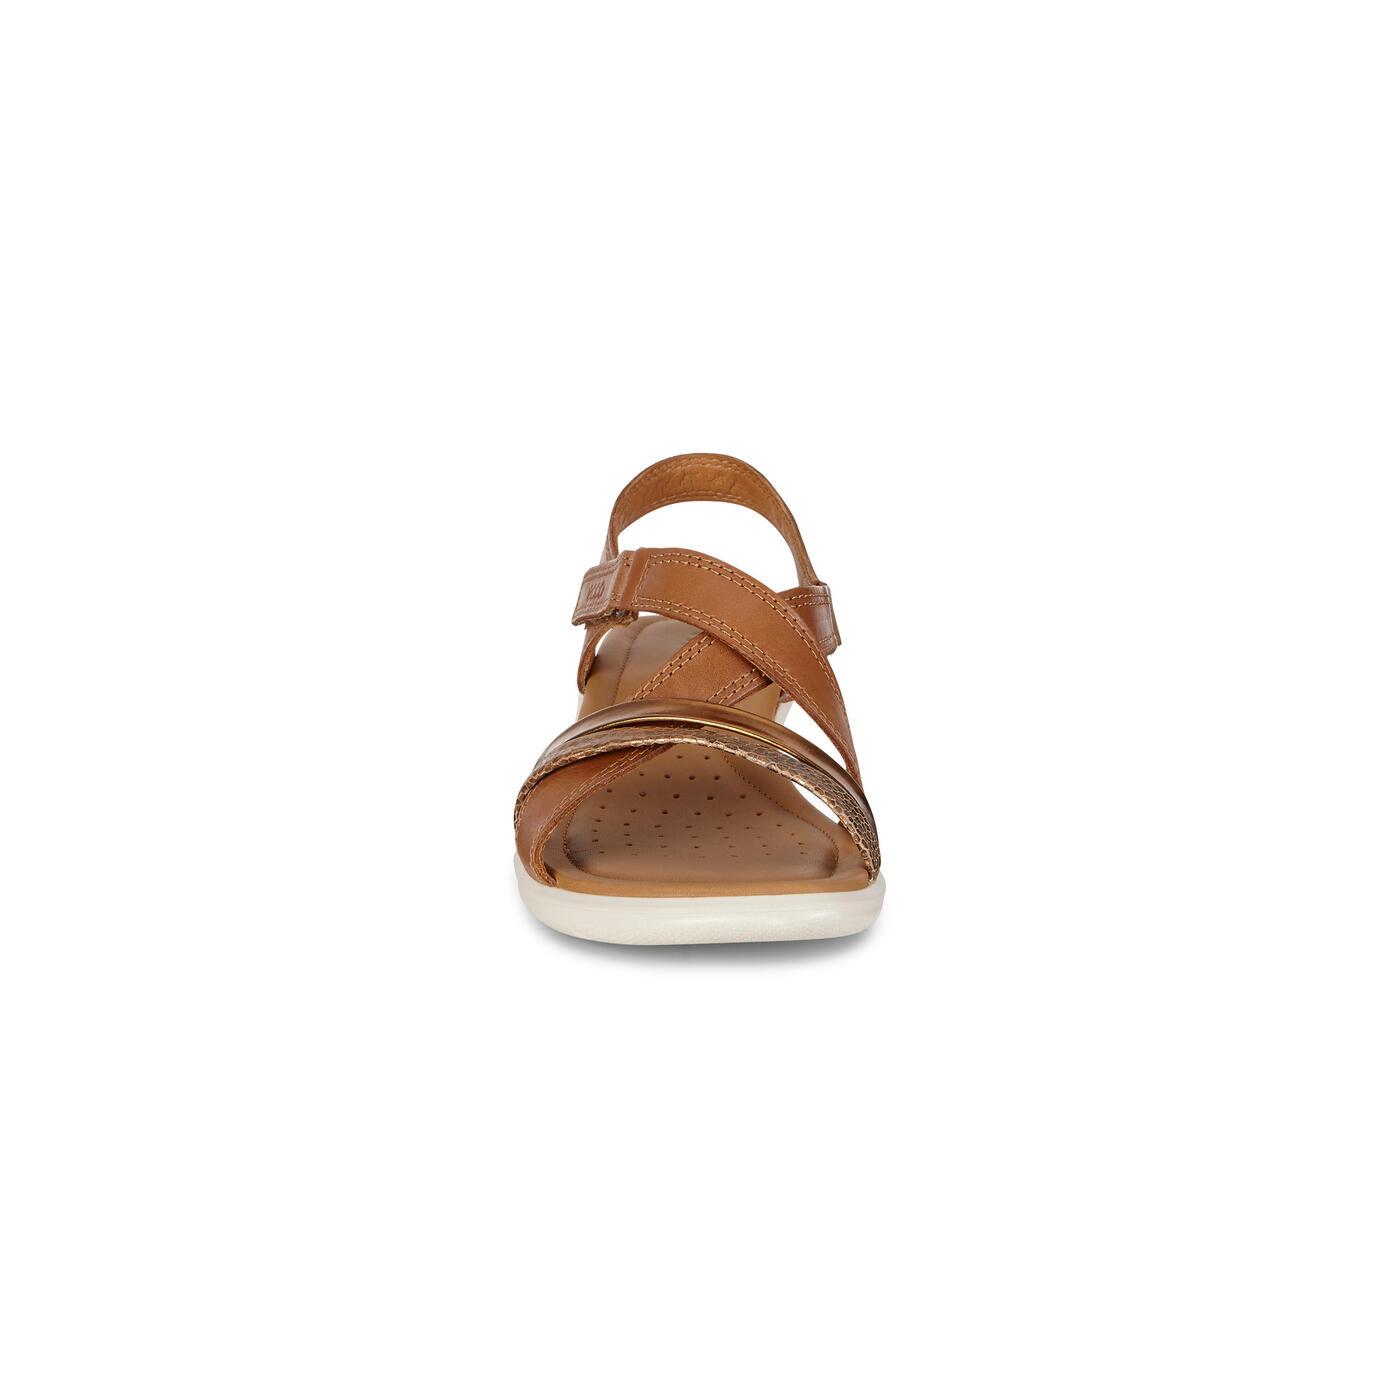 Sandale à talon ECCO Felicia pour femmes